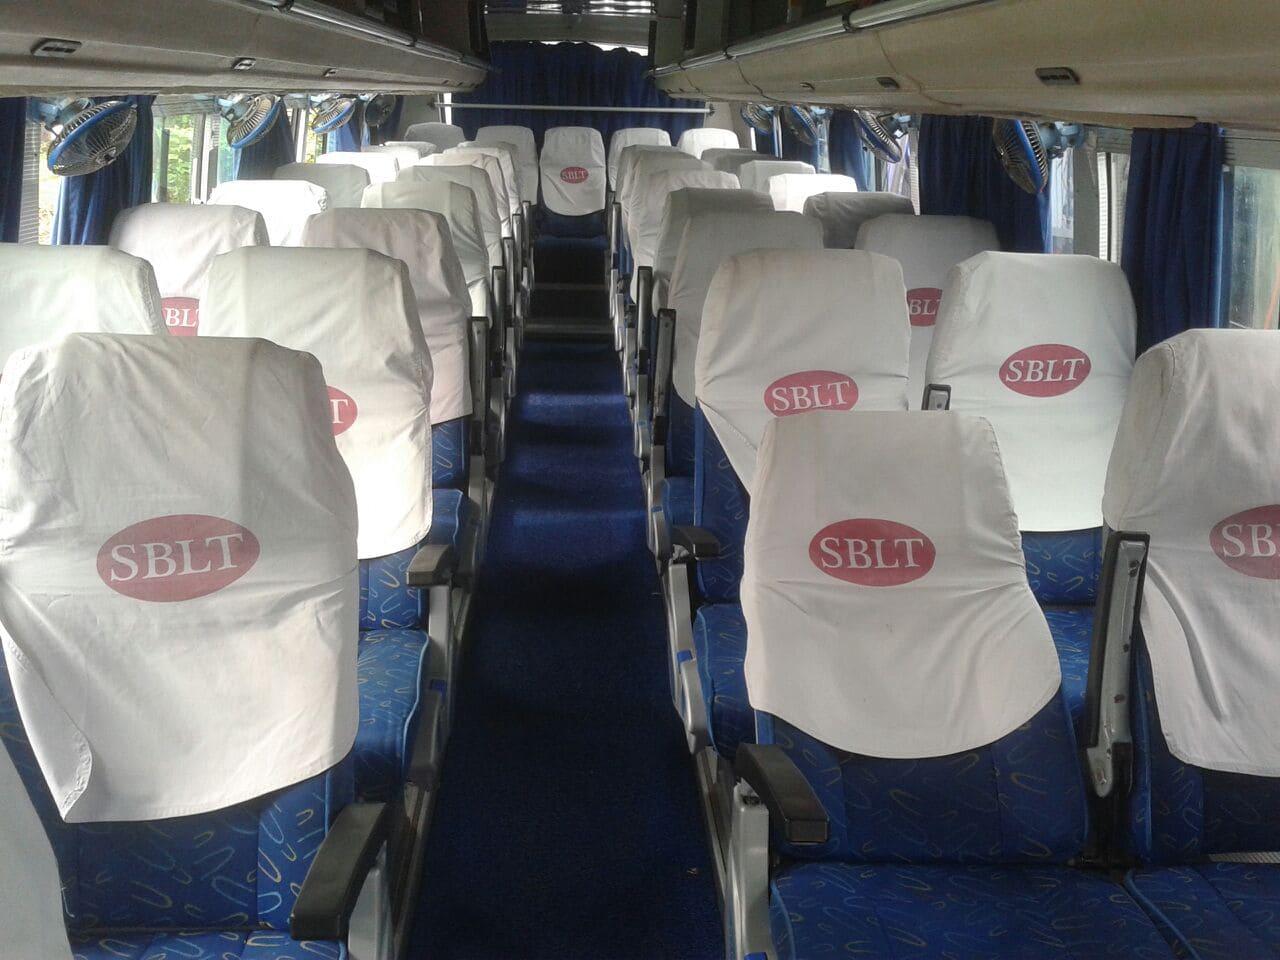 Sblt 45 Seater inner View